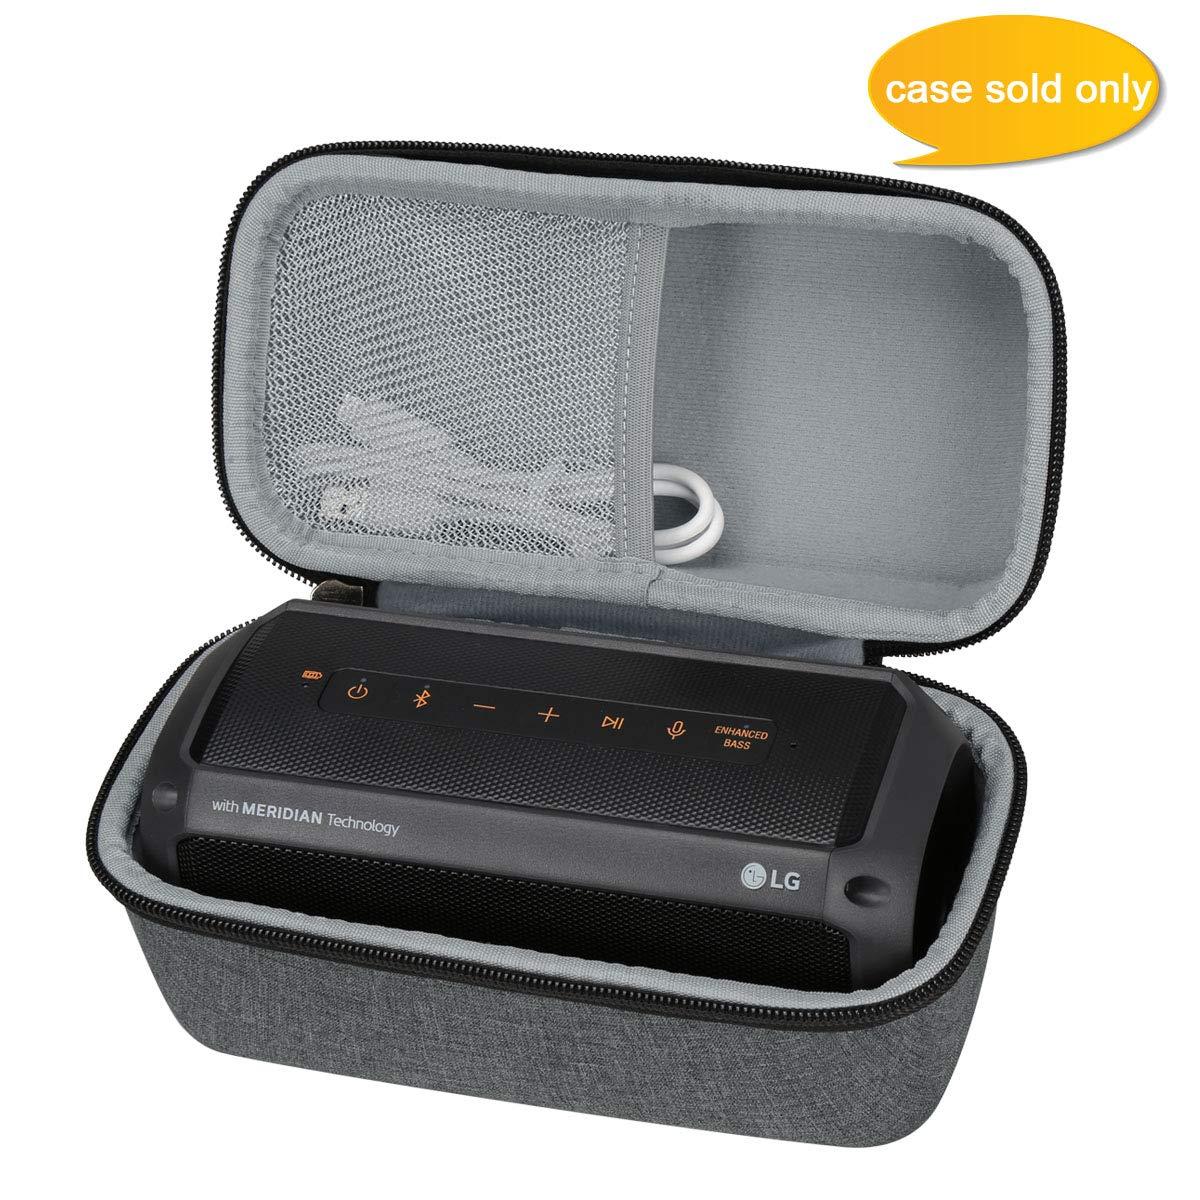 Aproca ハードストレージトラベルケース LG PK3 Xboom Go 防水ワイヤレスBluetoothスピーカー用   B07PJHJMWP